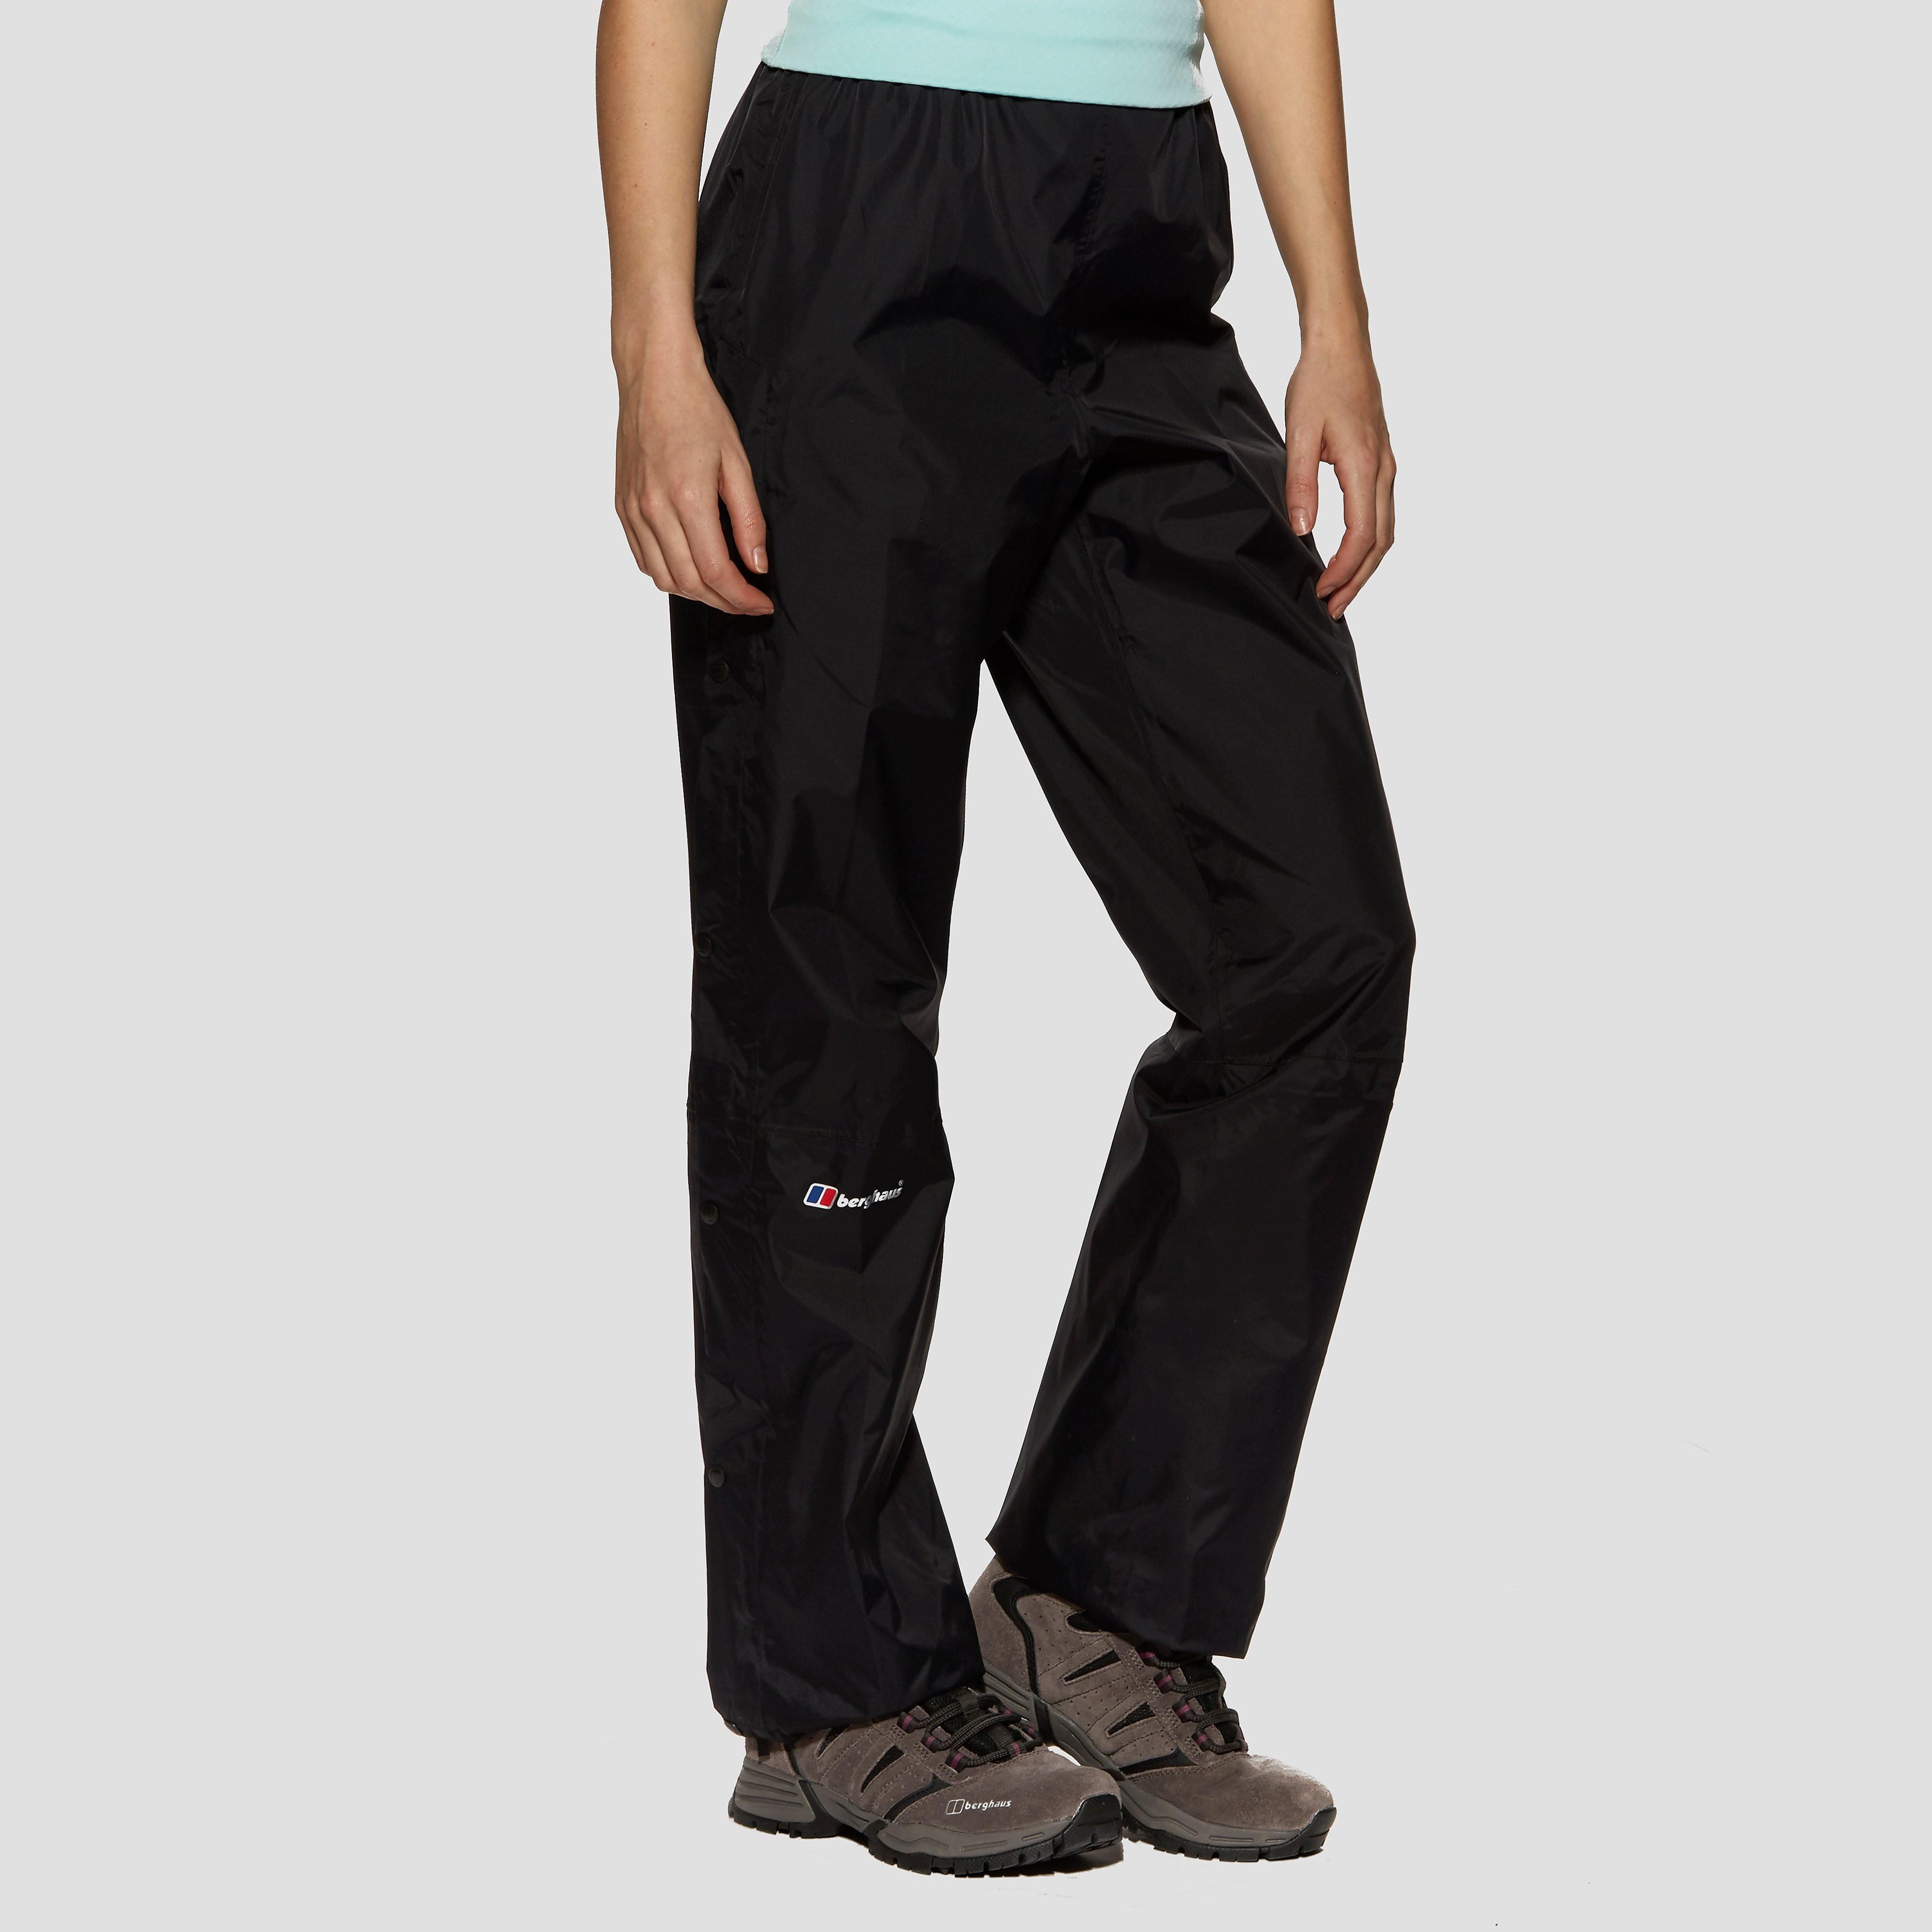 Berghaus Deluge Waterproof Women's Pants